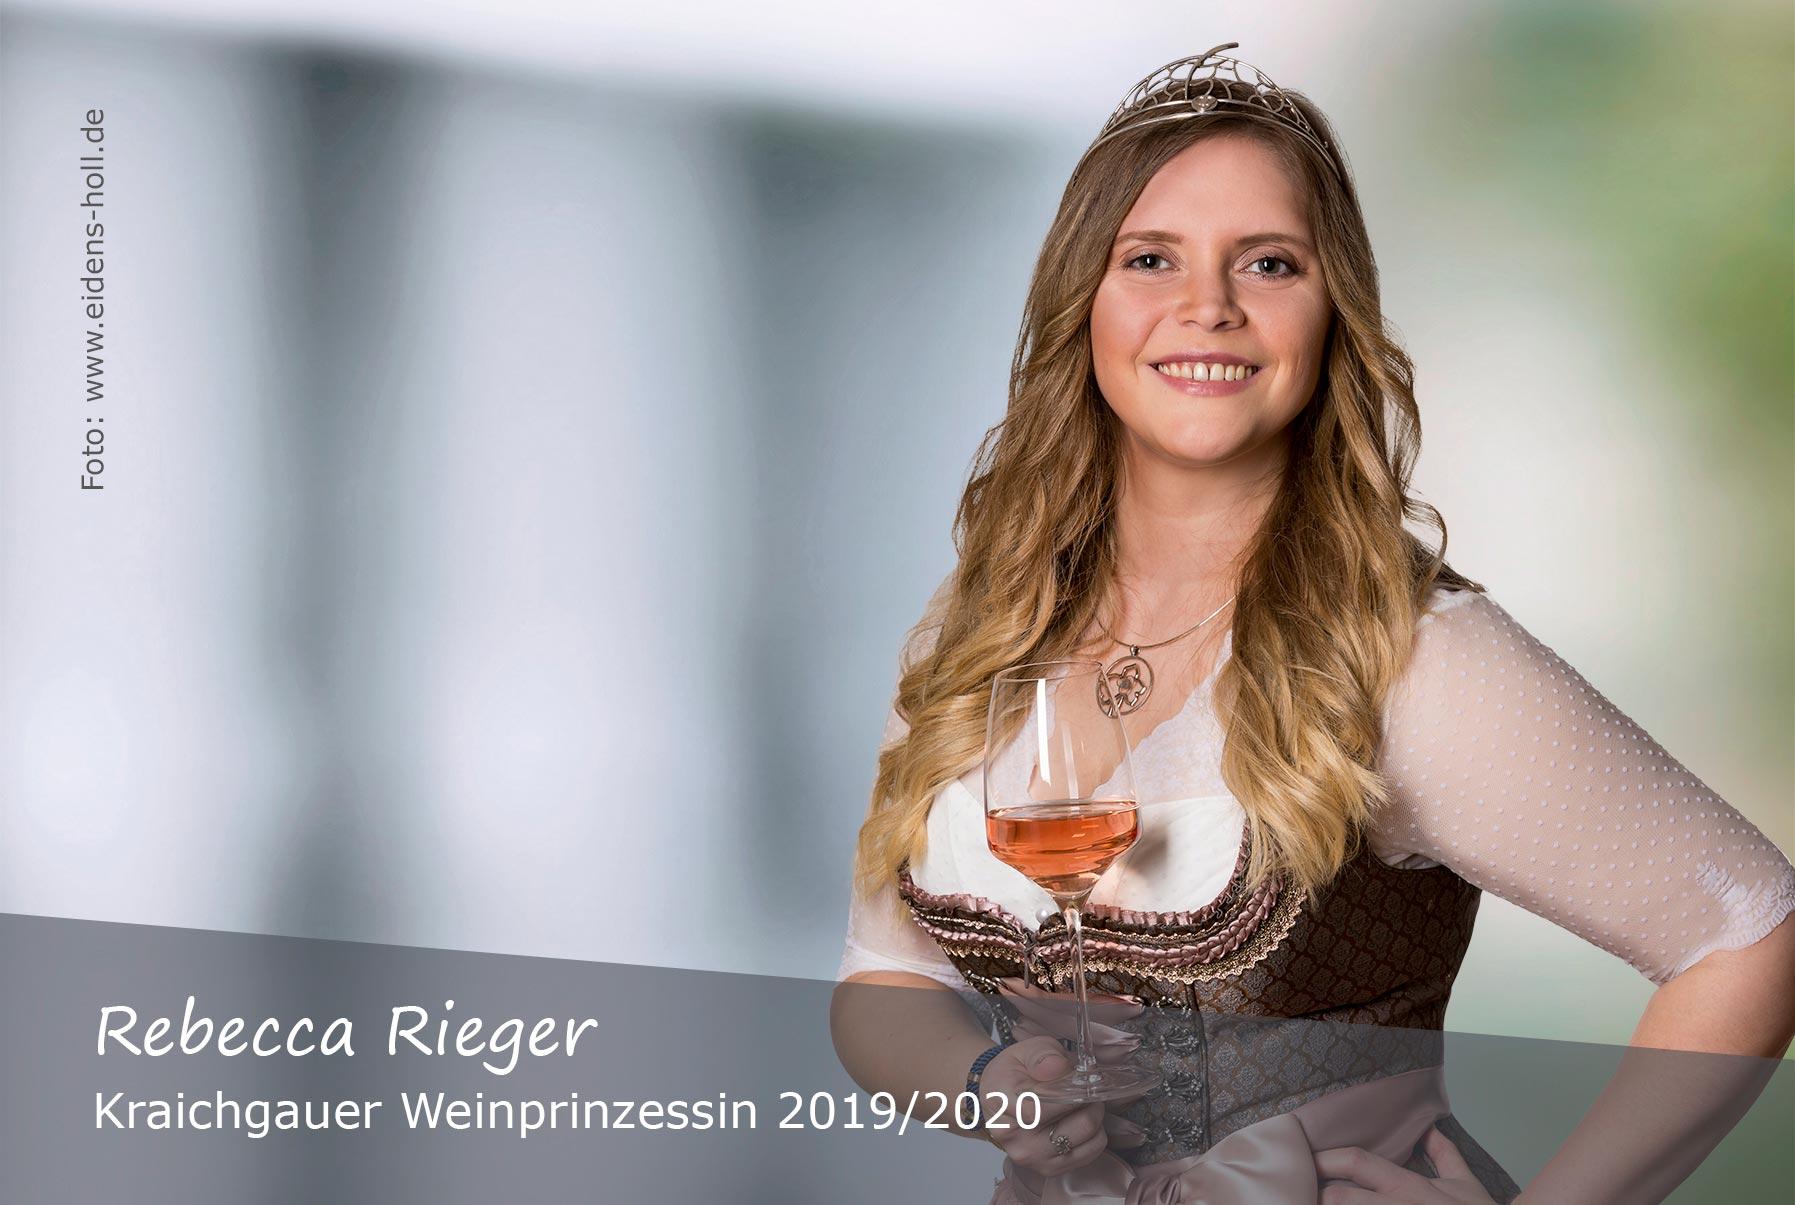 Foto Rebecca-Rieger-Kraichgauer-Weinprinzessin